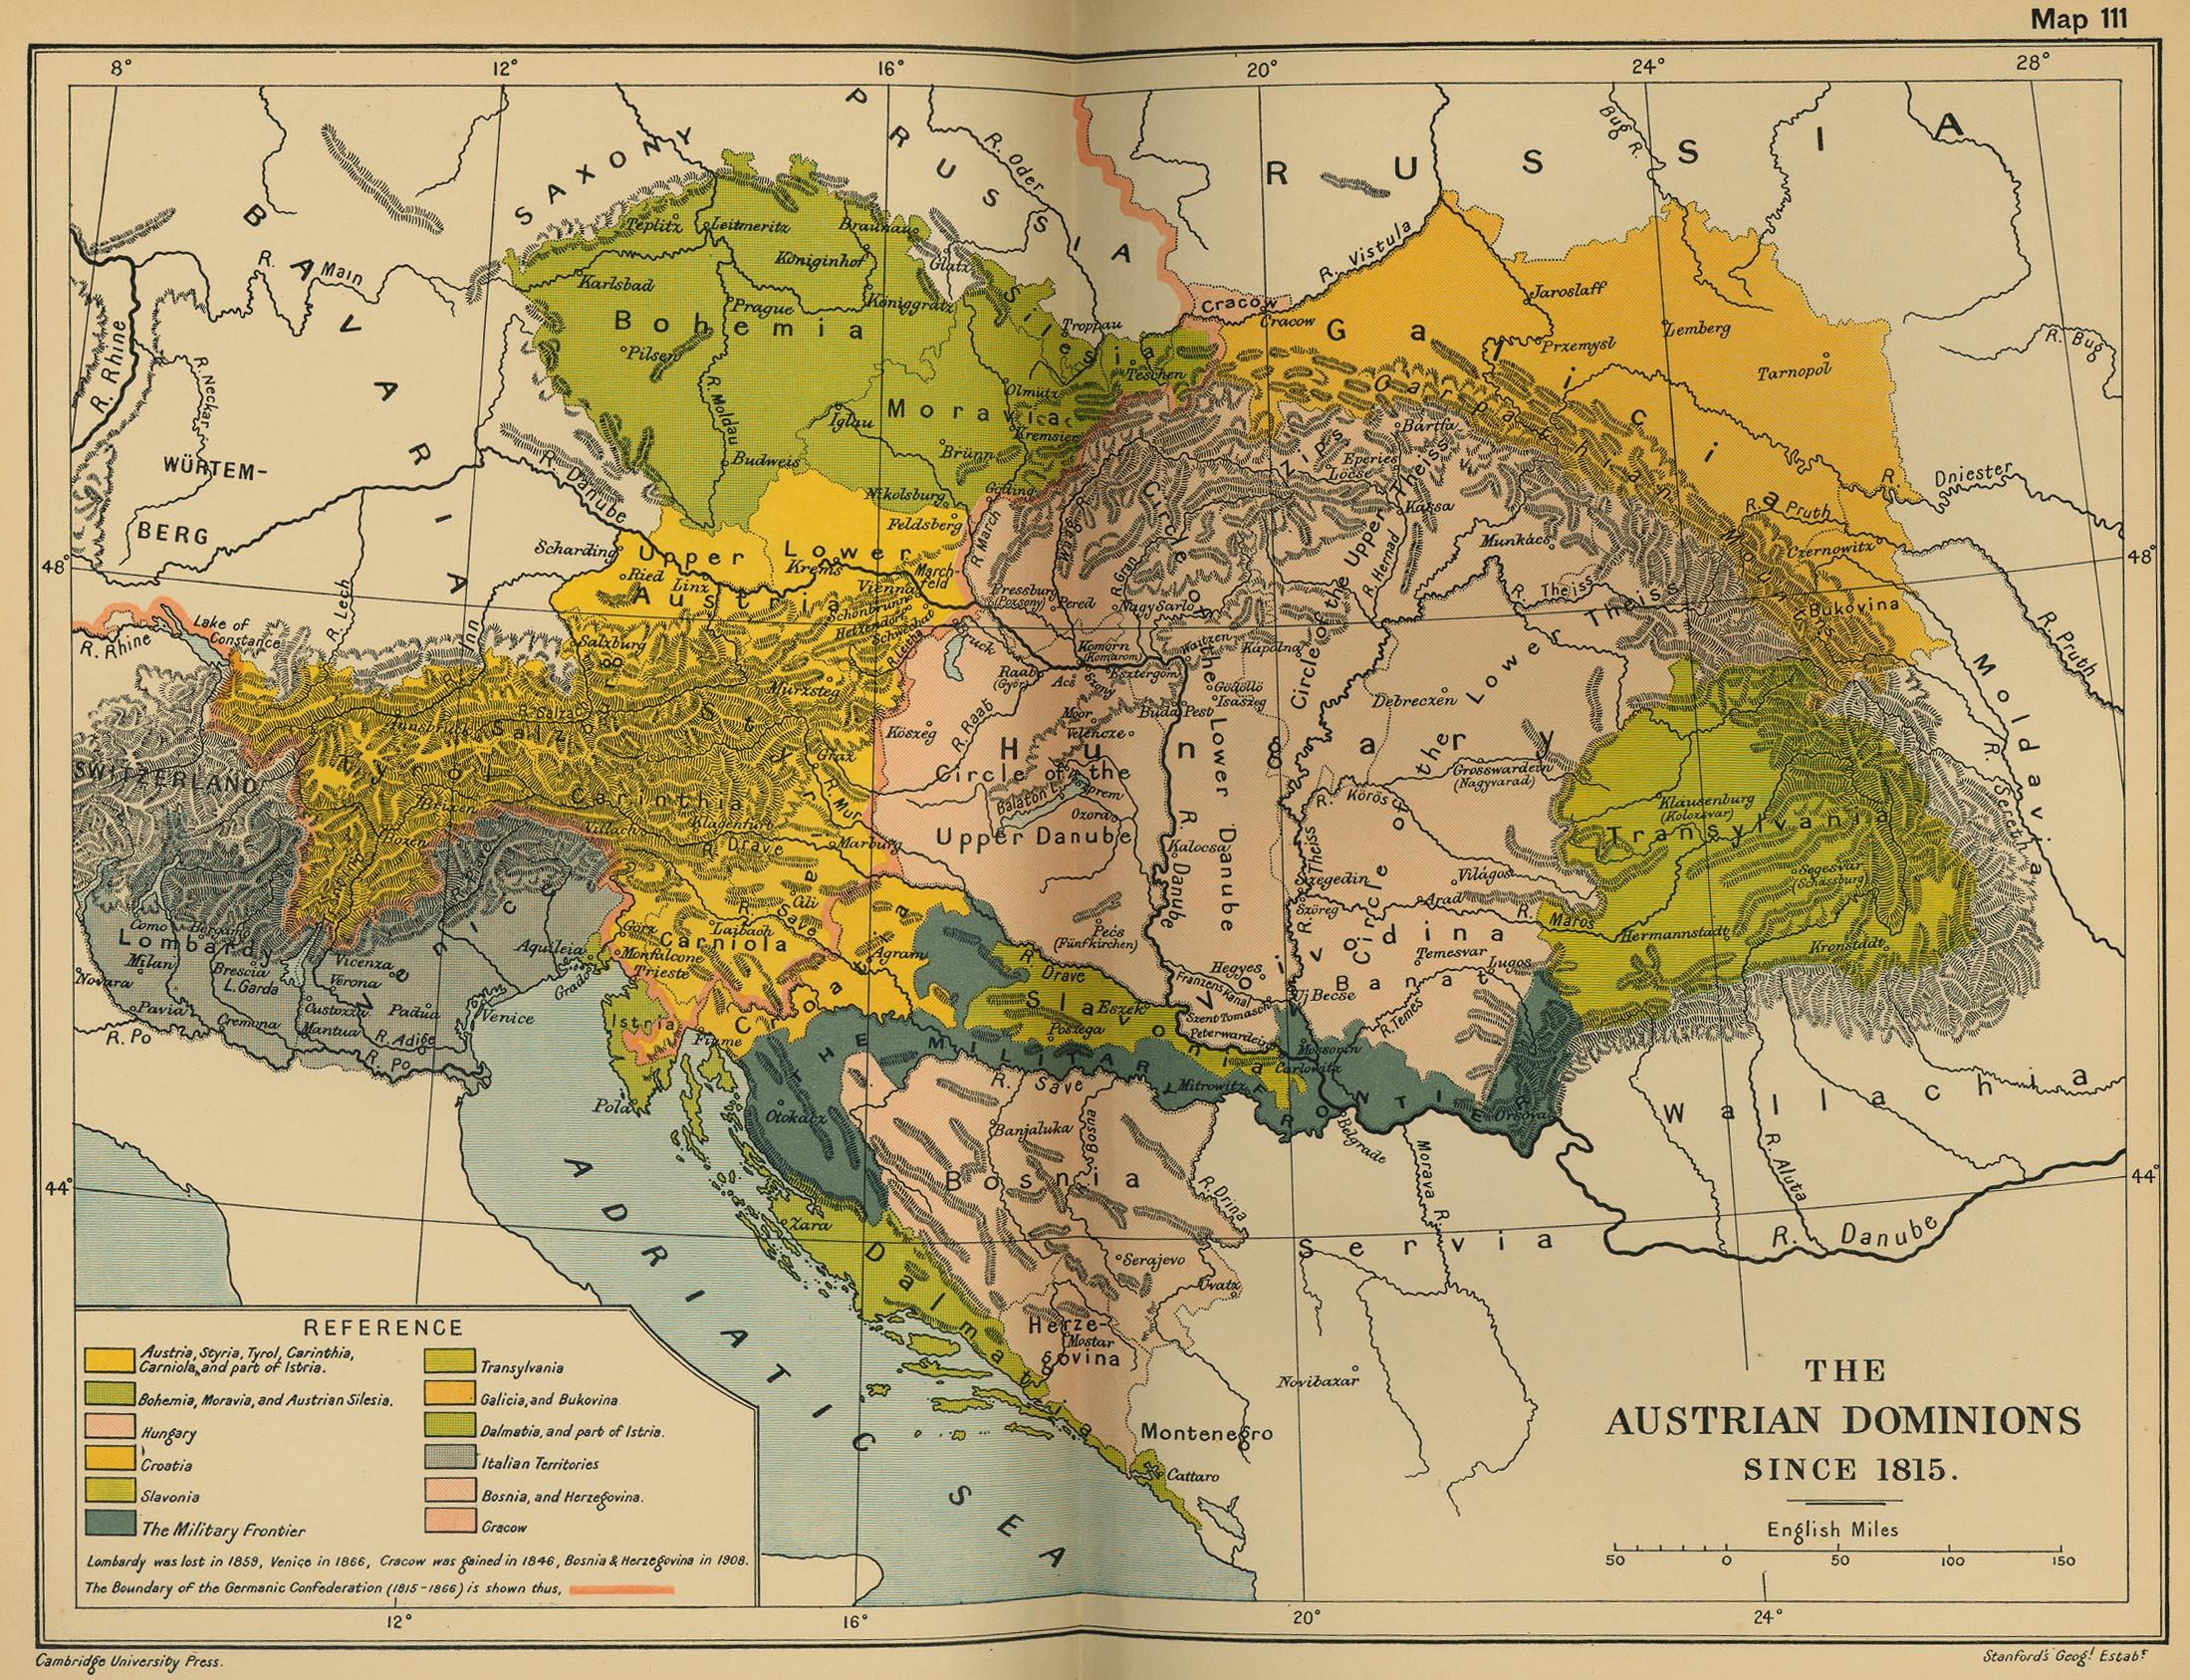 Los dominios austríacos desde 1815